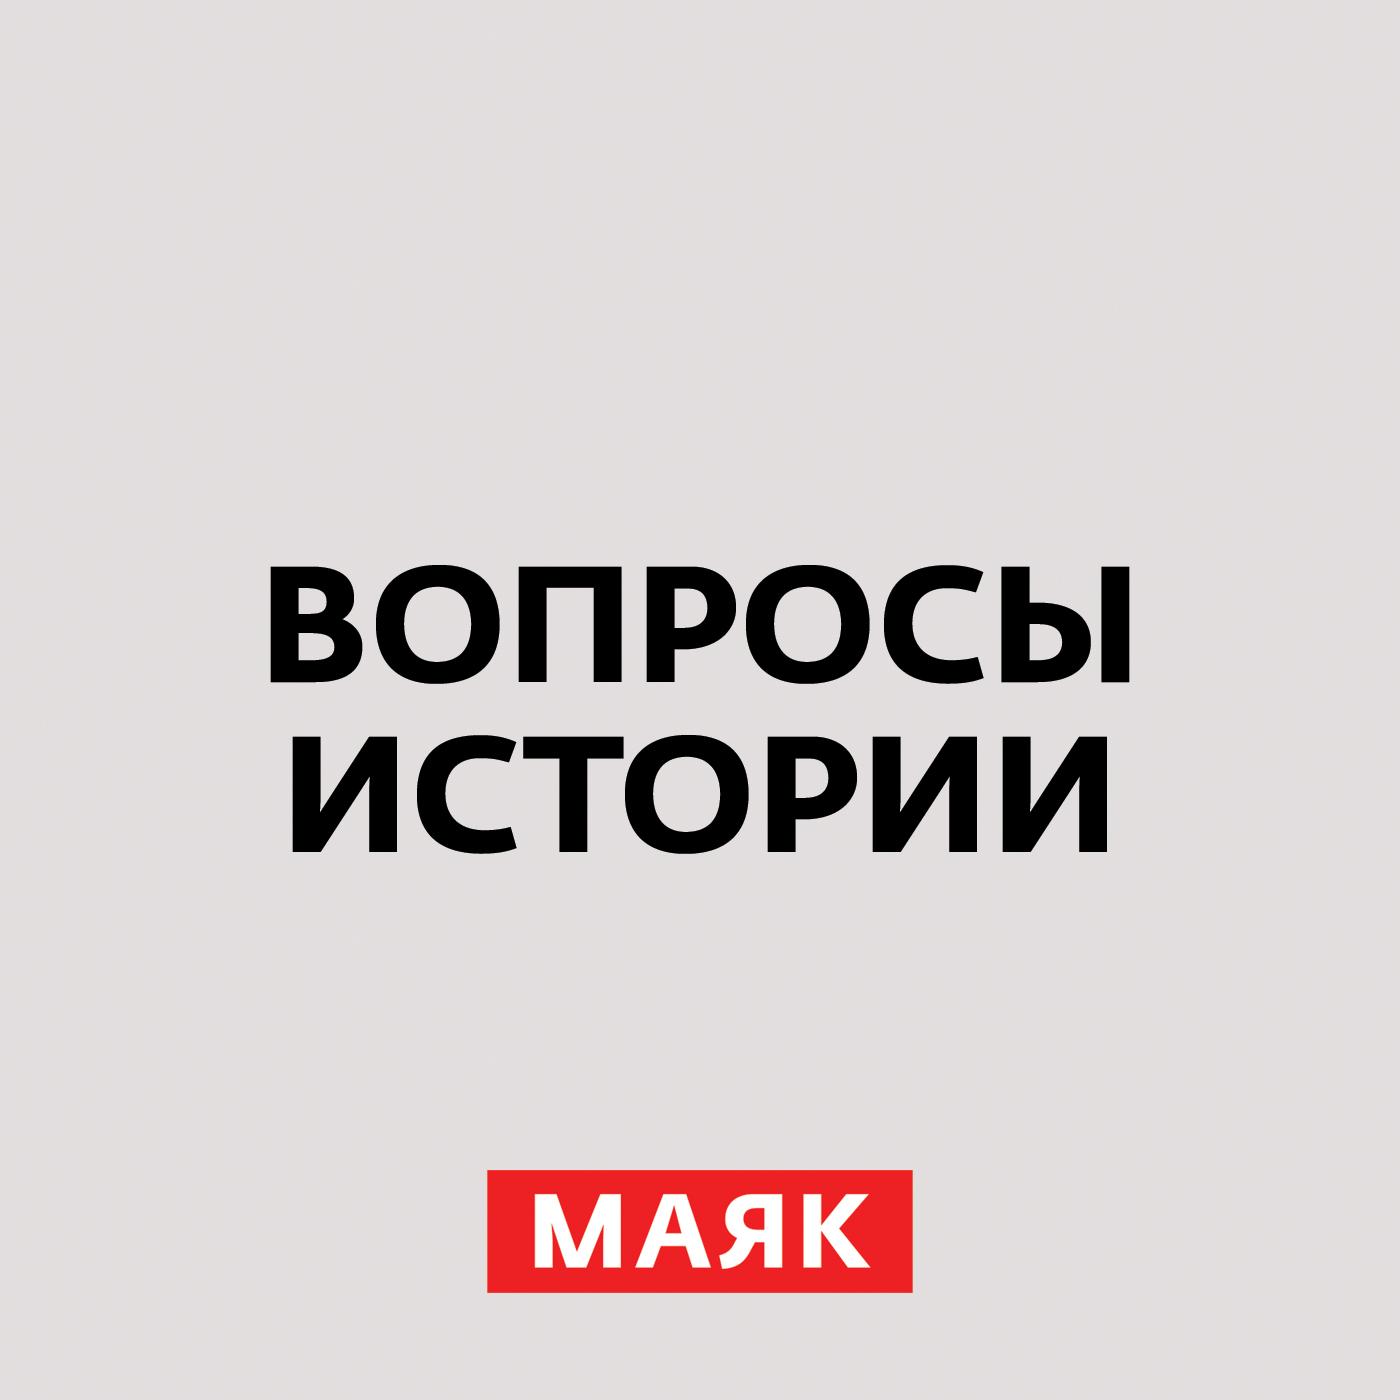 Андрей Светенко Корниловский мятеж: а был ли мальчик? андрей светенко а финансы поют романсы экономическая политика большевиков